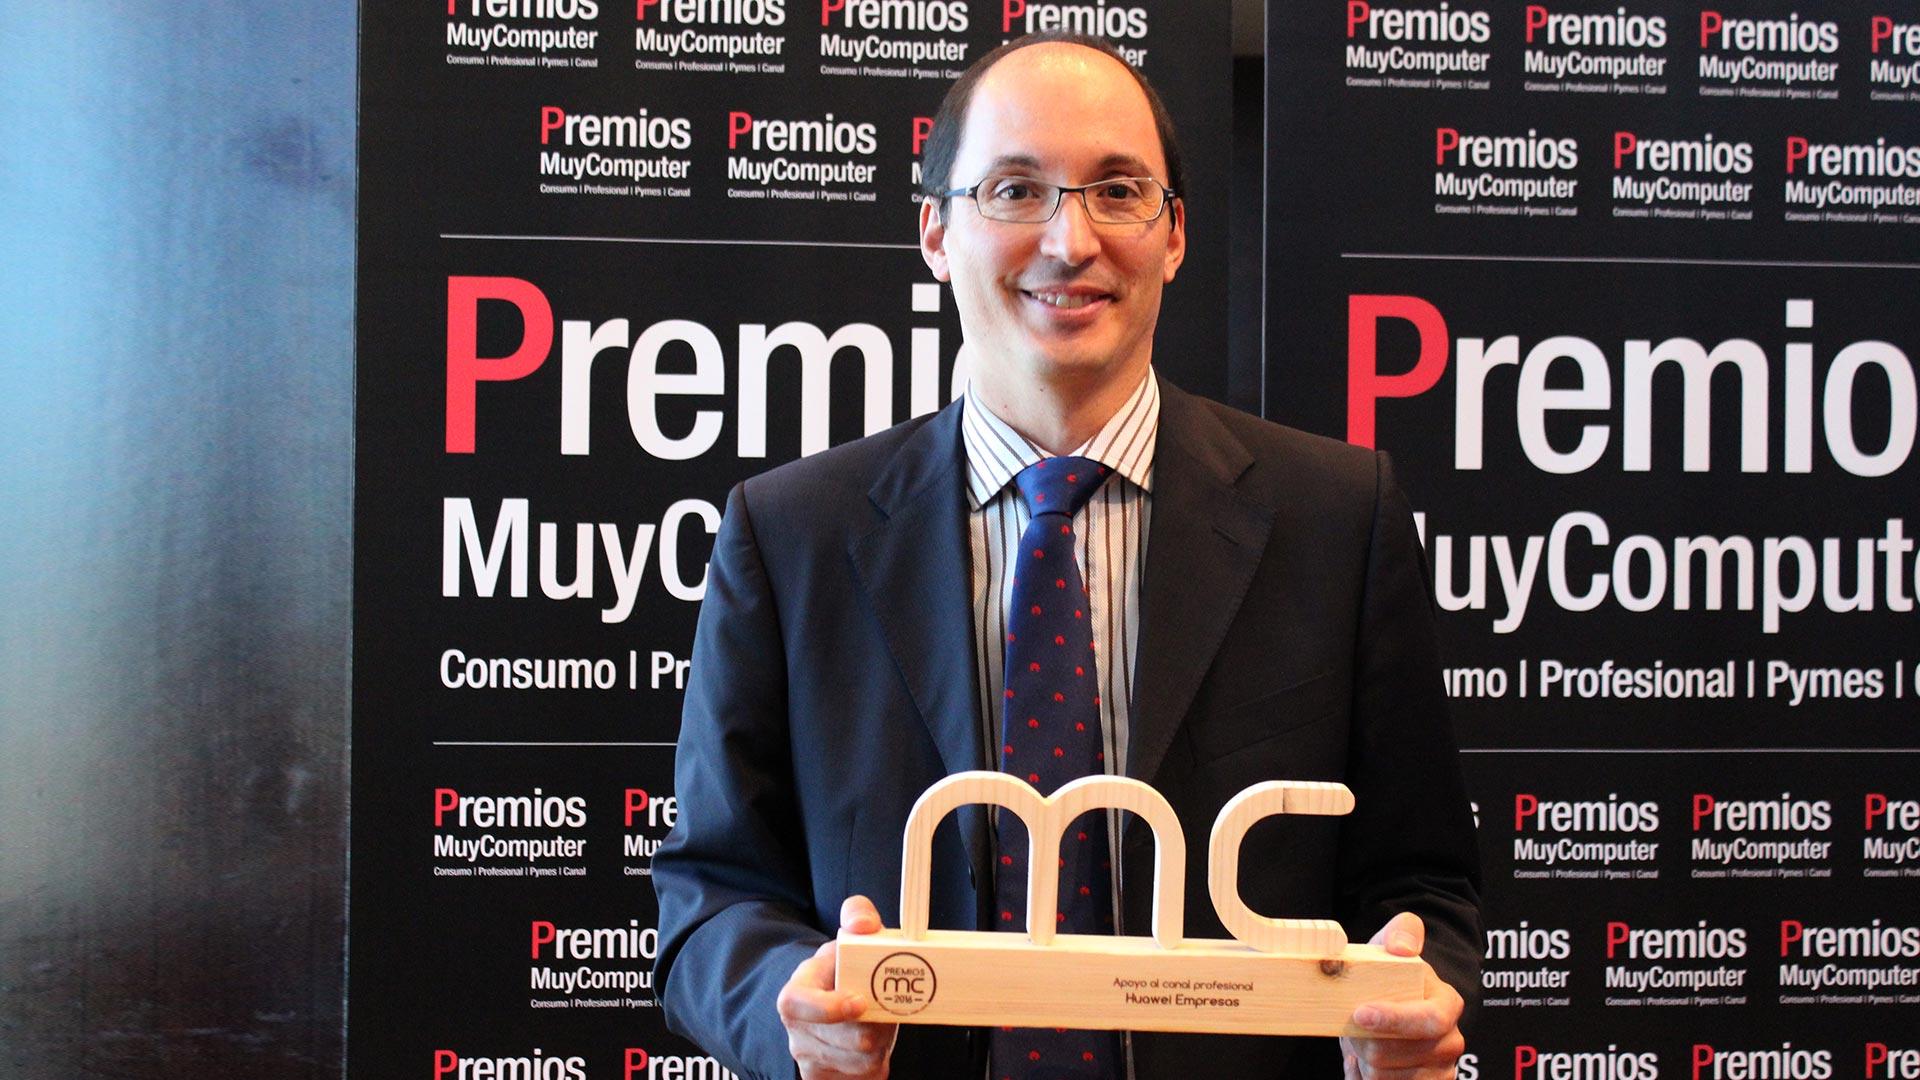 premiosmc2016-apoyo-canal-profesional-huawei-empresas